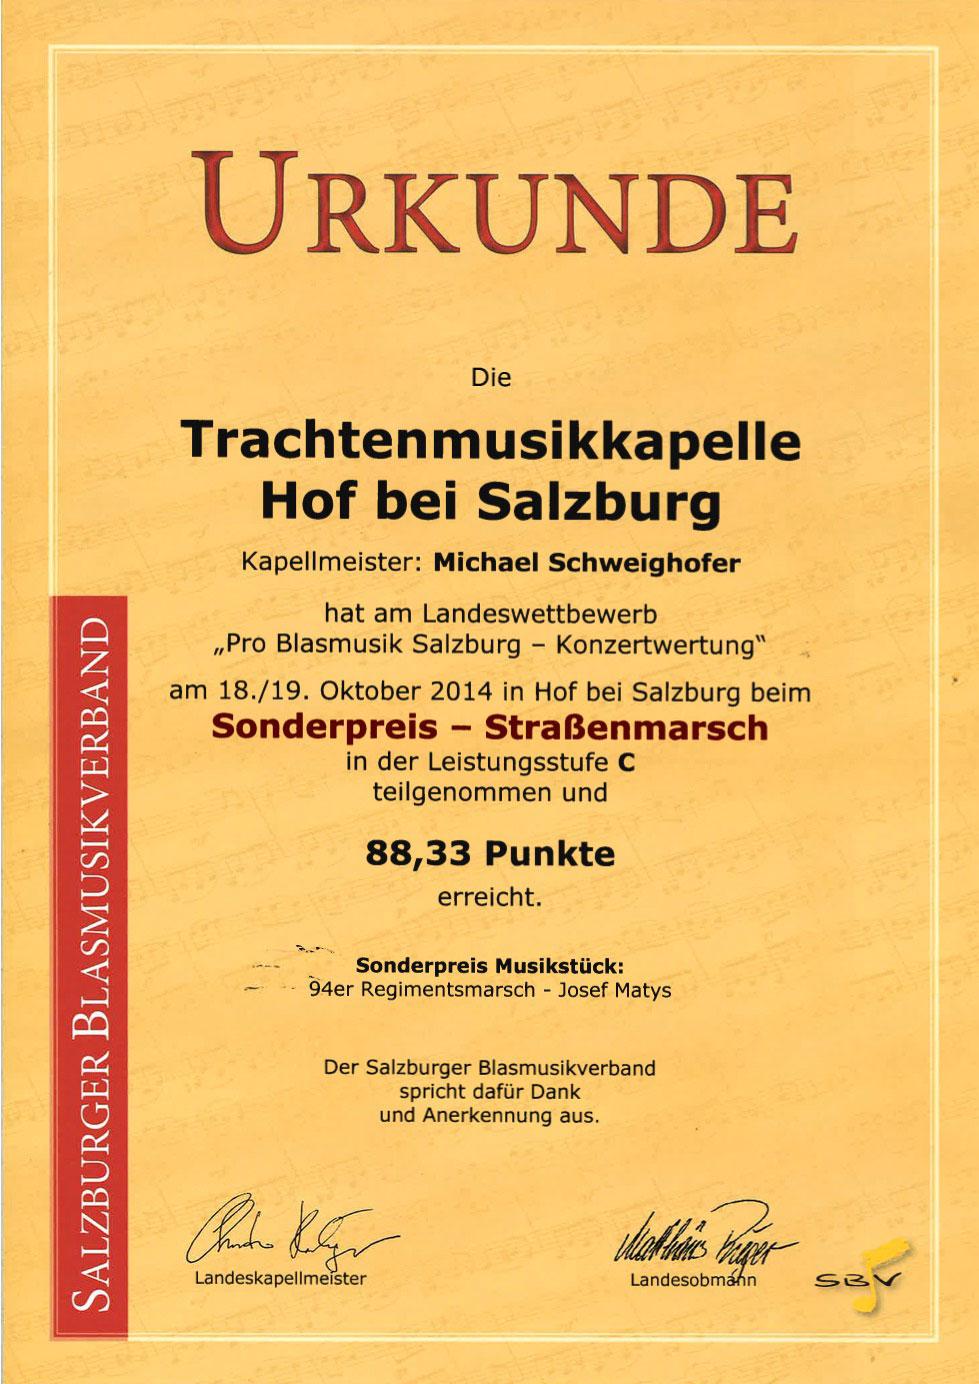 2014-Landesbewerb-Hof-bei-Salzburg-2014-Sonderpreis-Straßenmarsch